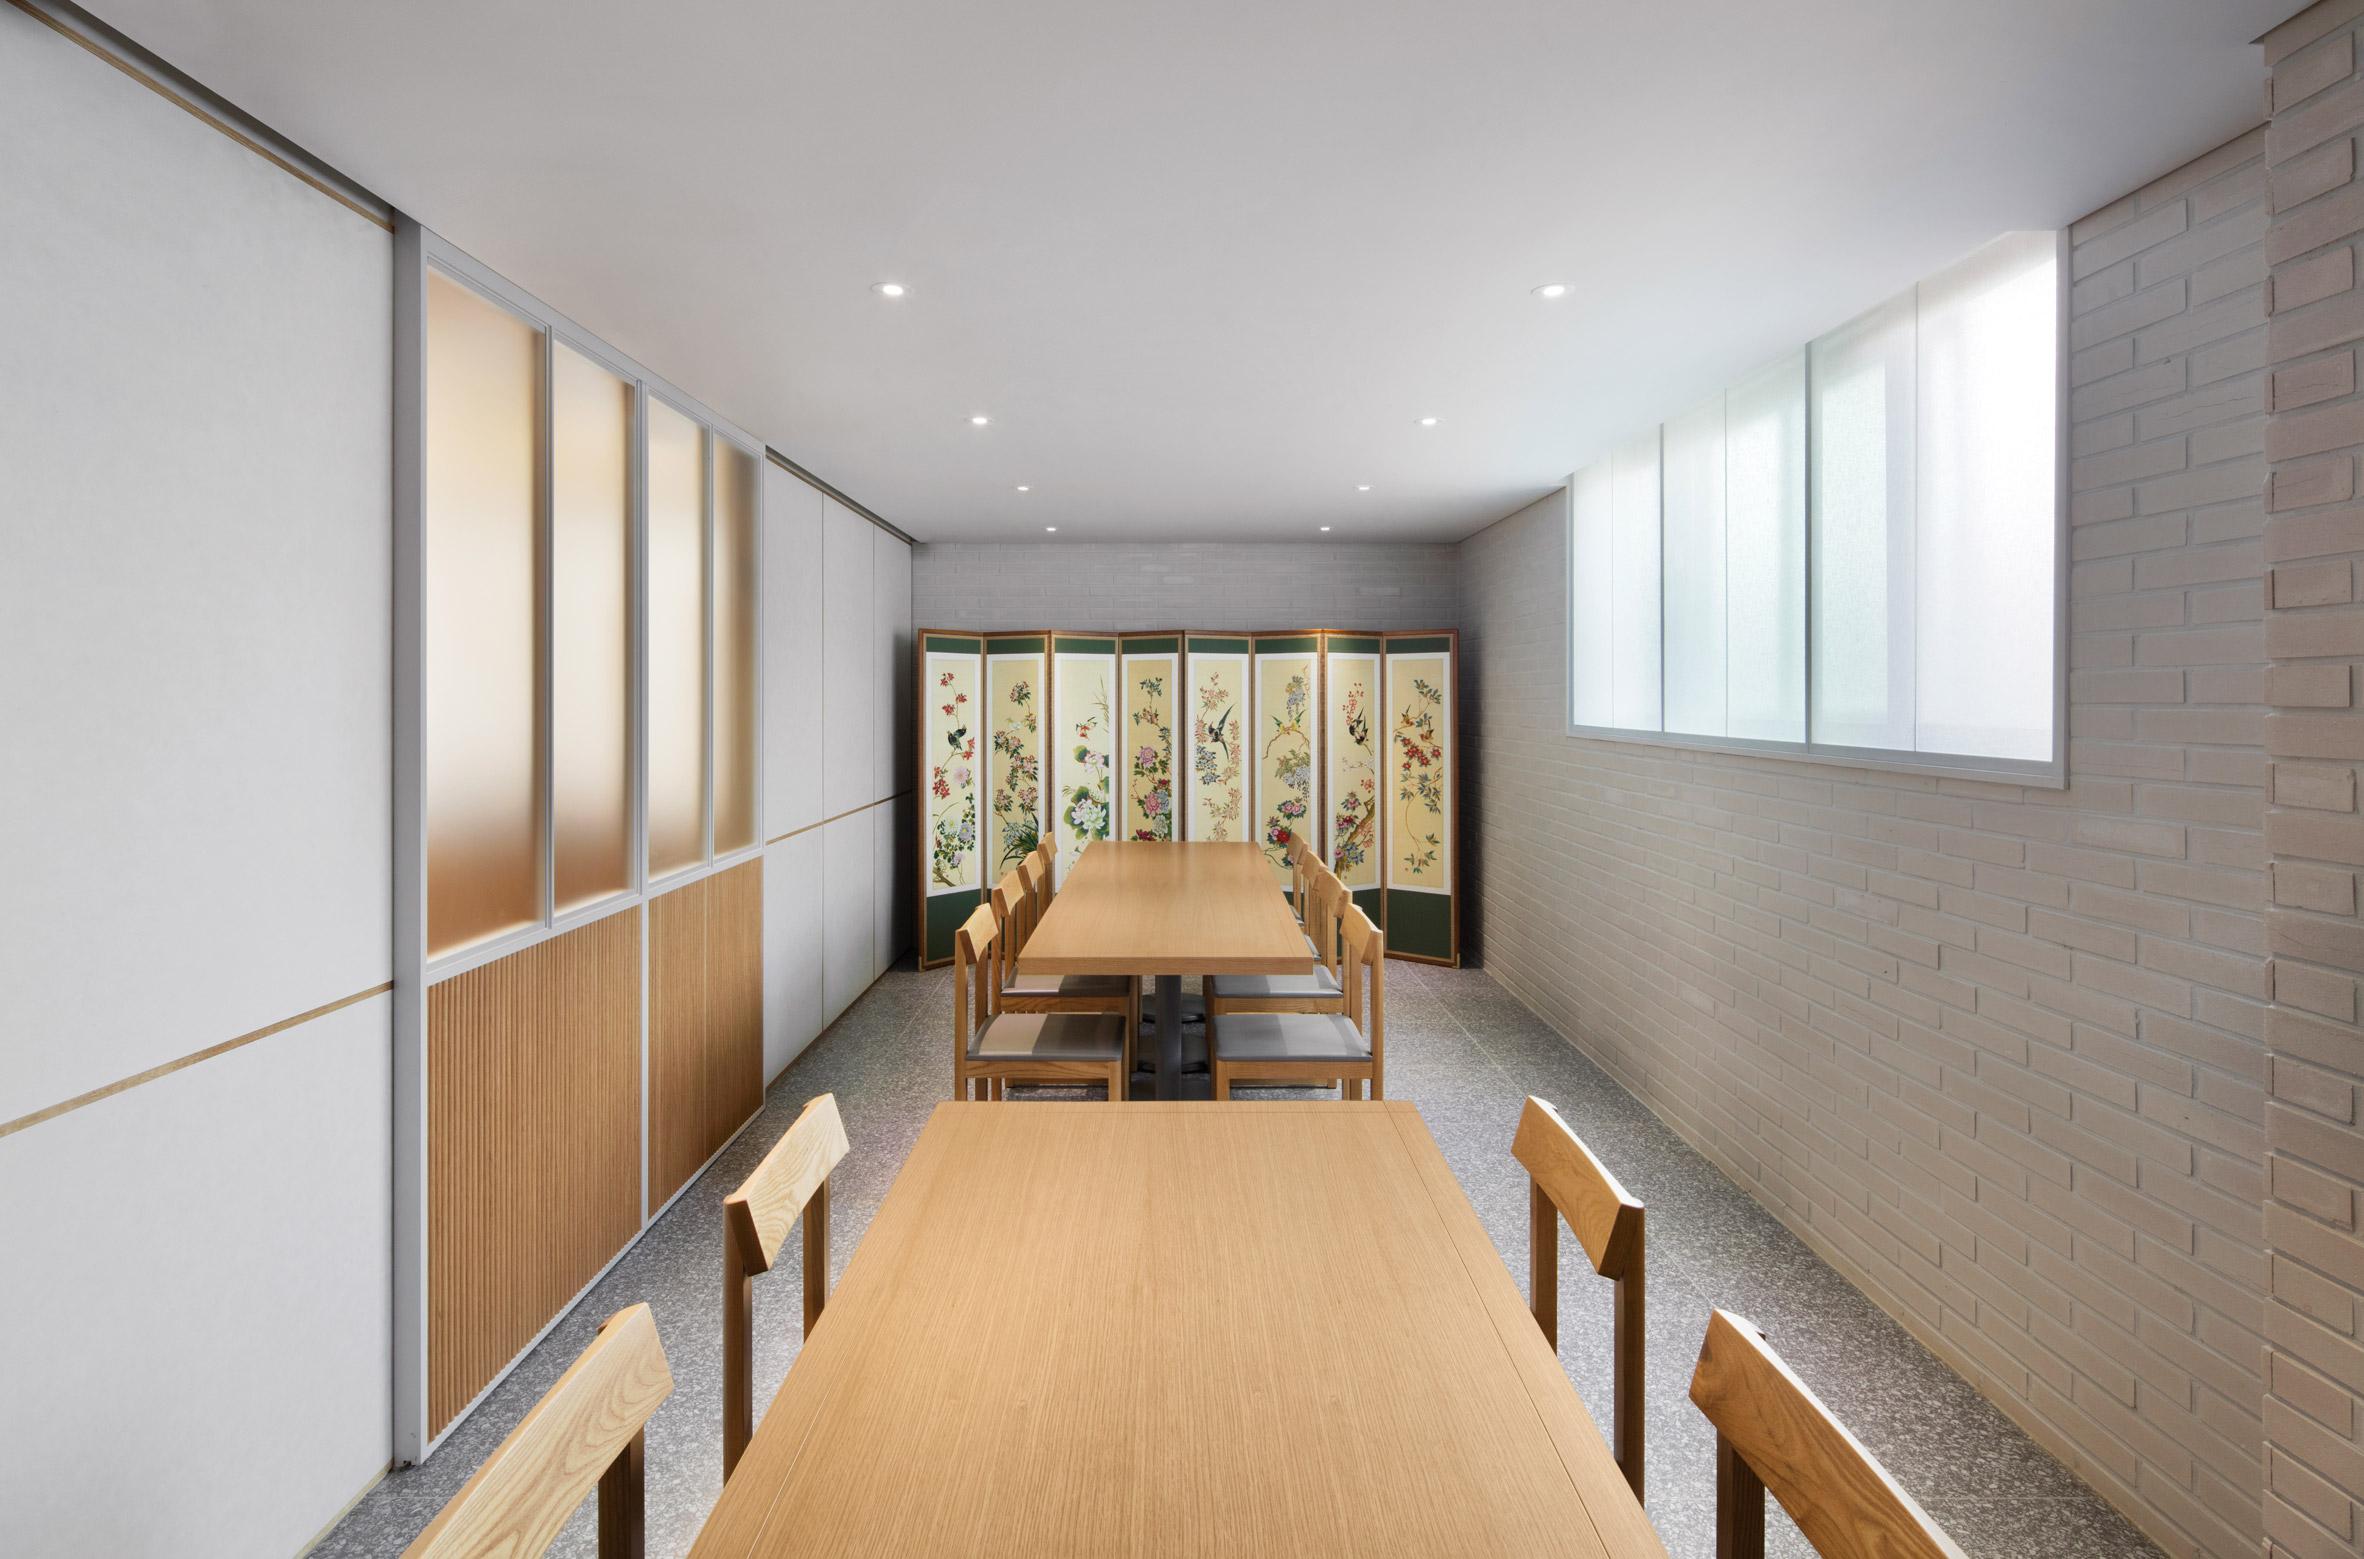 Thiết kế nội thất nhà hàng hàn quốc 14